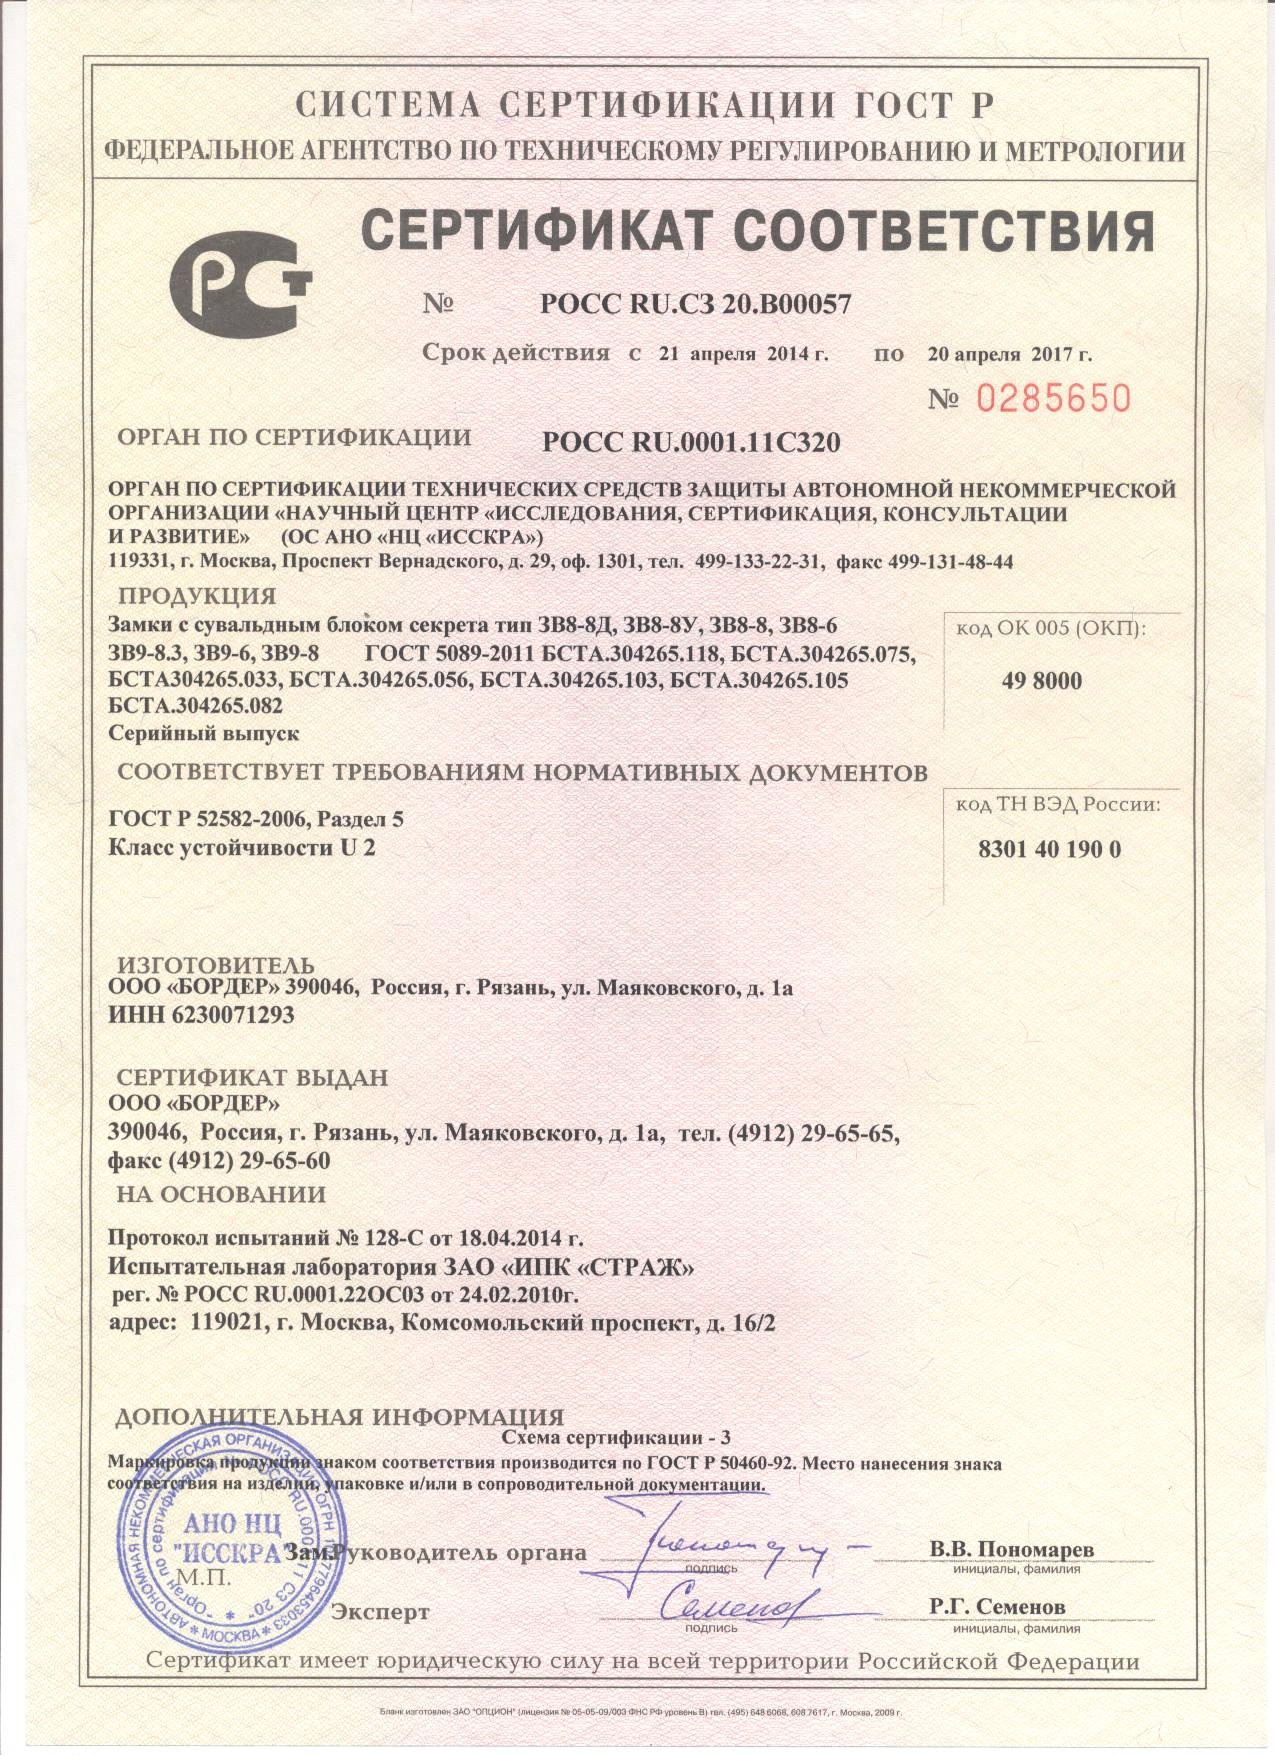 Сертификат на сувальдные замки